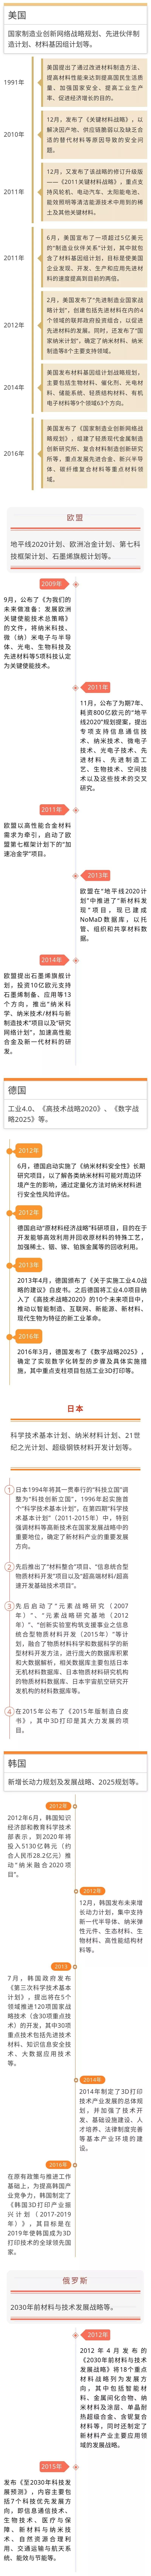 政策力推,中国新材料产业发展加入世界竞跑